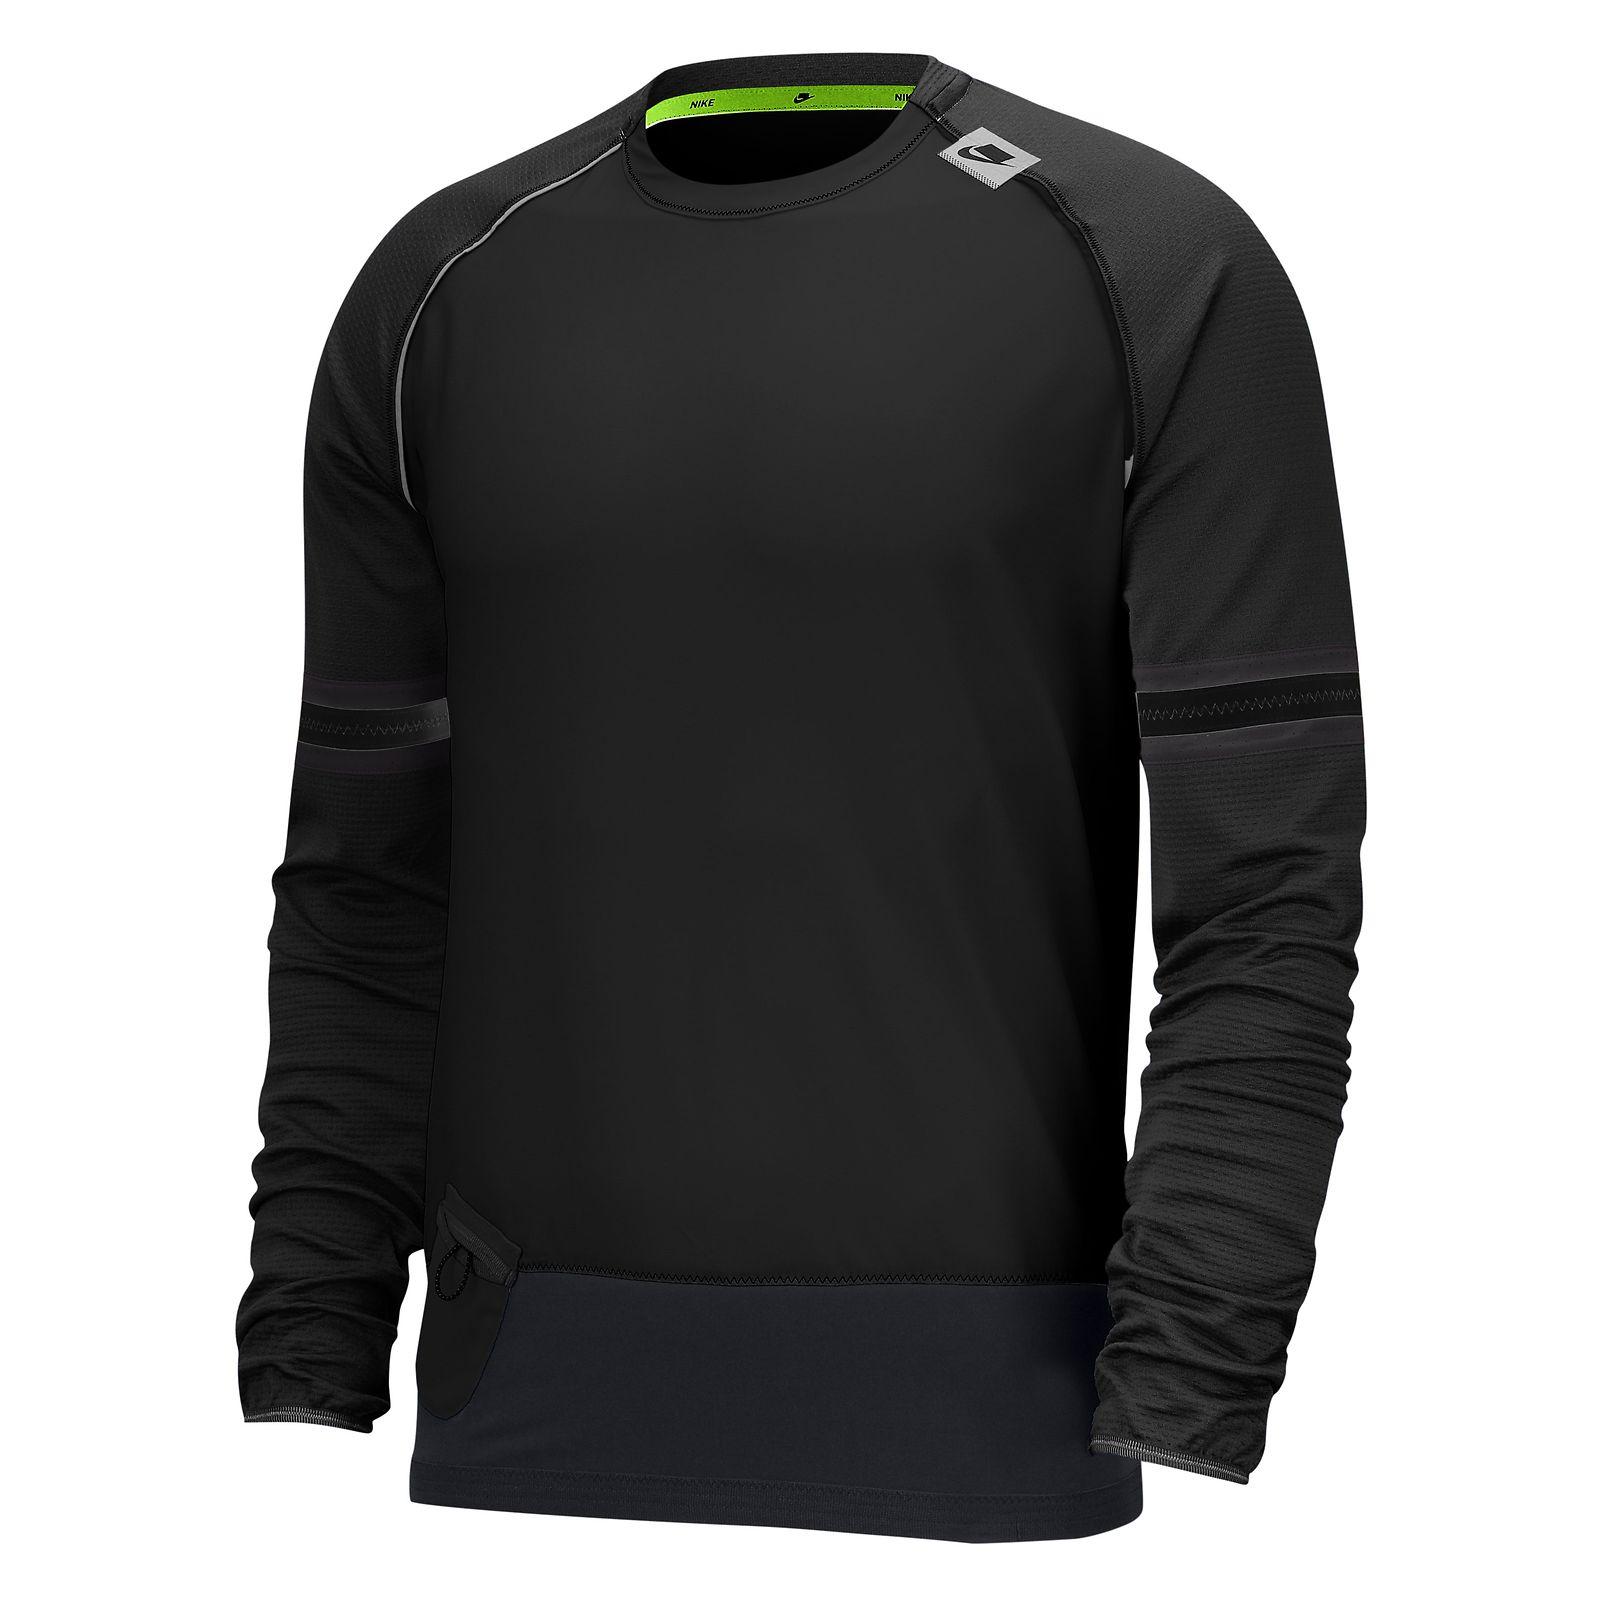 Bluza męska do biegania Nike CJ0739